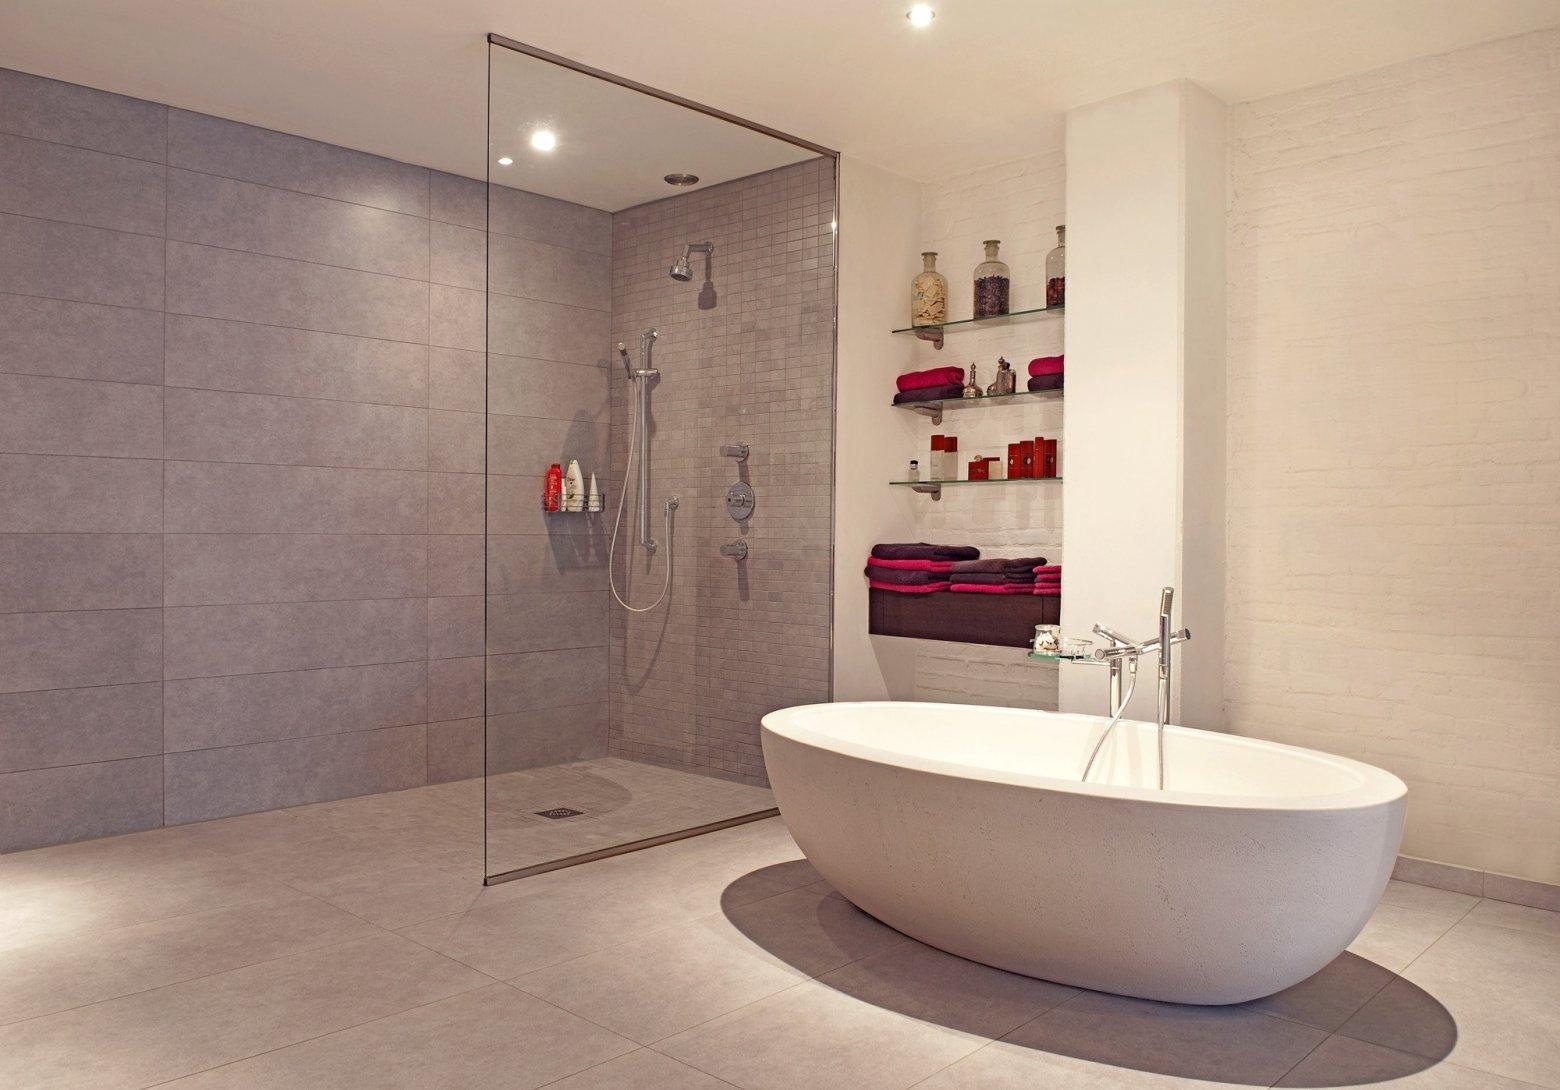 Badkamerrenovatie | Ga voor Van Calster Kwaliteit aan de laagste Prijs